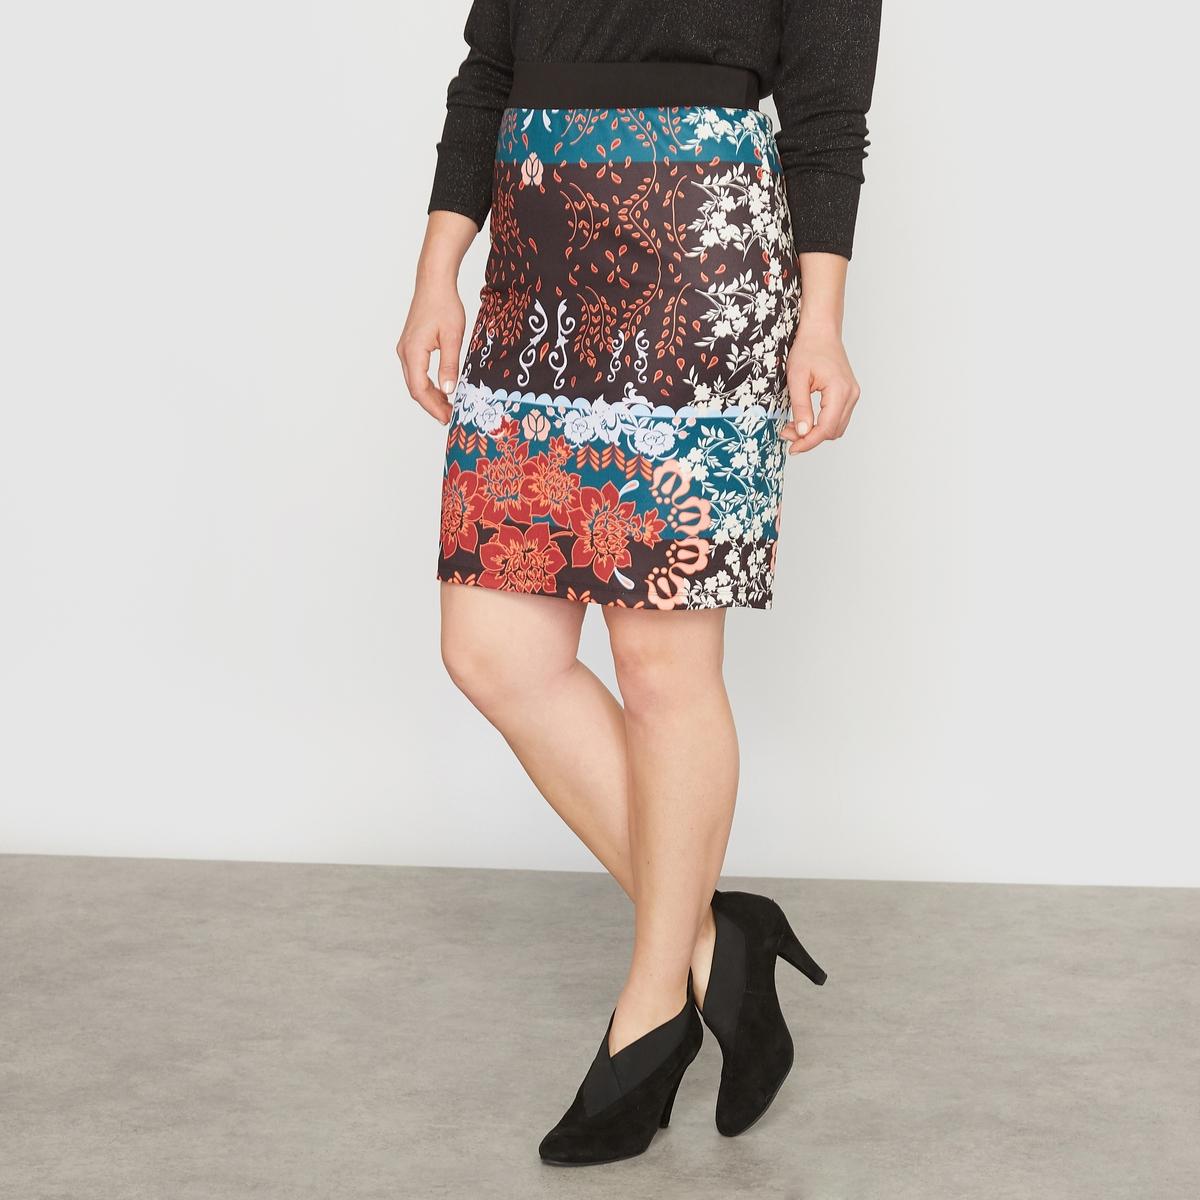 Юбка прямая с рисункомПрямая юбка с рисунком. Рисунок из лоскутов и атласный трикотаж.Красивая отделка : эластичный гладкий пояс черного цвета под креп. Застежка на молнию посередине сзади.С рисунком спереди и сзади.Состав и описание :Материал : эластичный атласный трикотаж 95% полиэстера, 5% эластана, подкладка из трикотажа.Длина : 52 см. Марка : CASTALUNA.Уход : Машинная стирка при 30 °C.<br><br>Цвет: цветочный рисунок<br>Размер: 56 (FR) - 62 (RUS).46 (FR) - 52 (RUS)